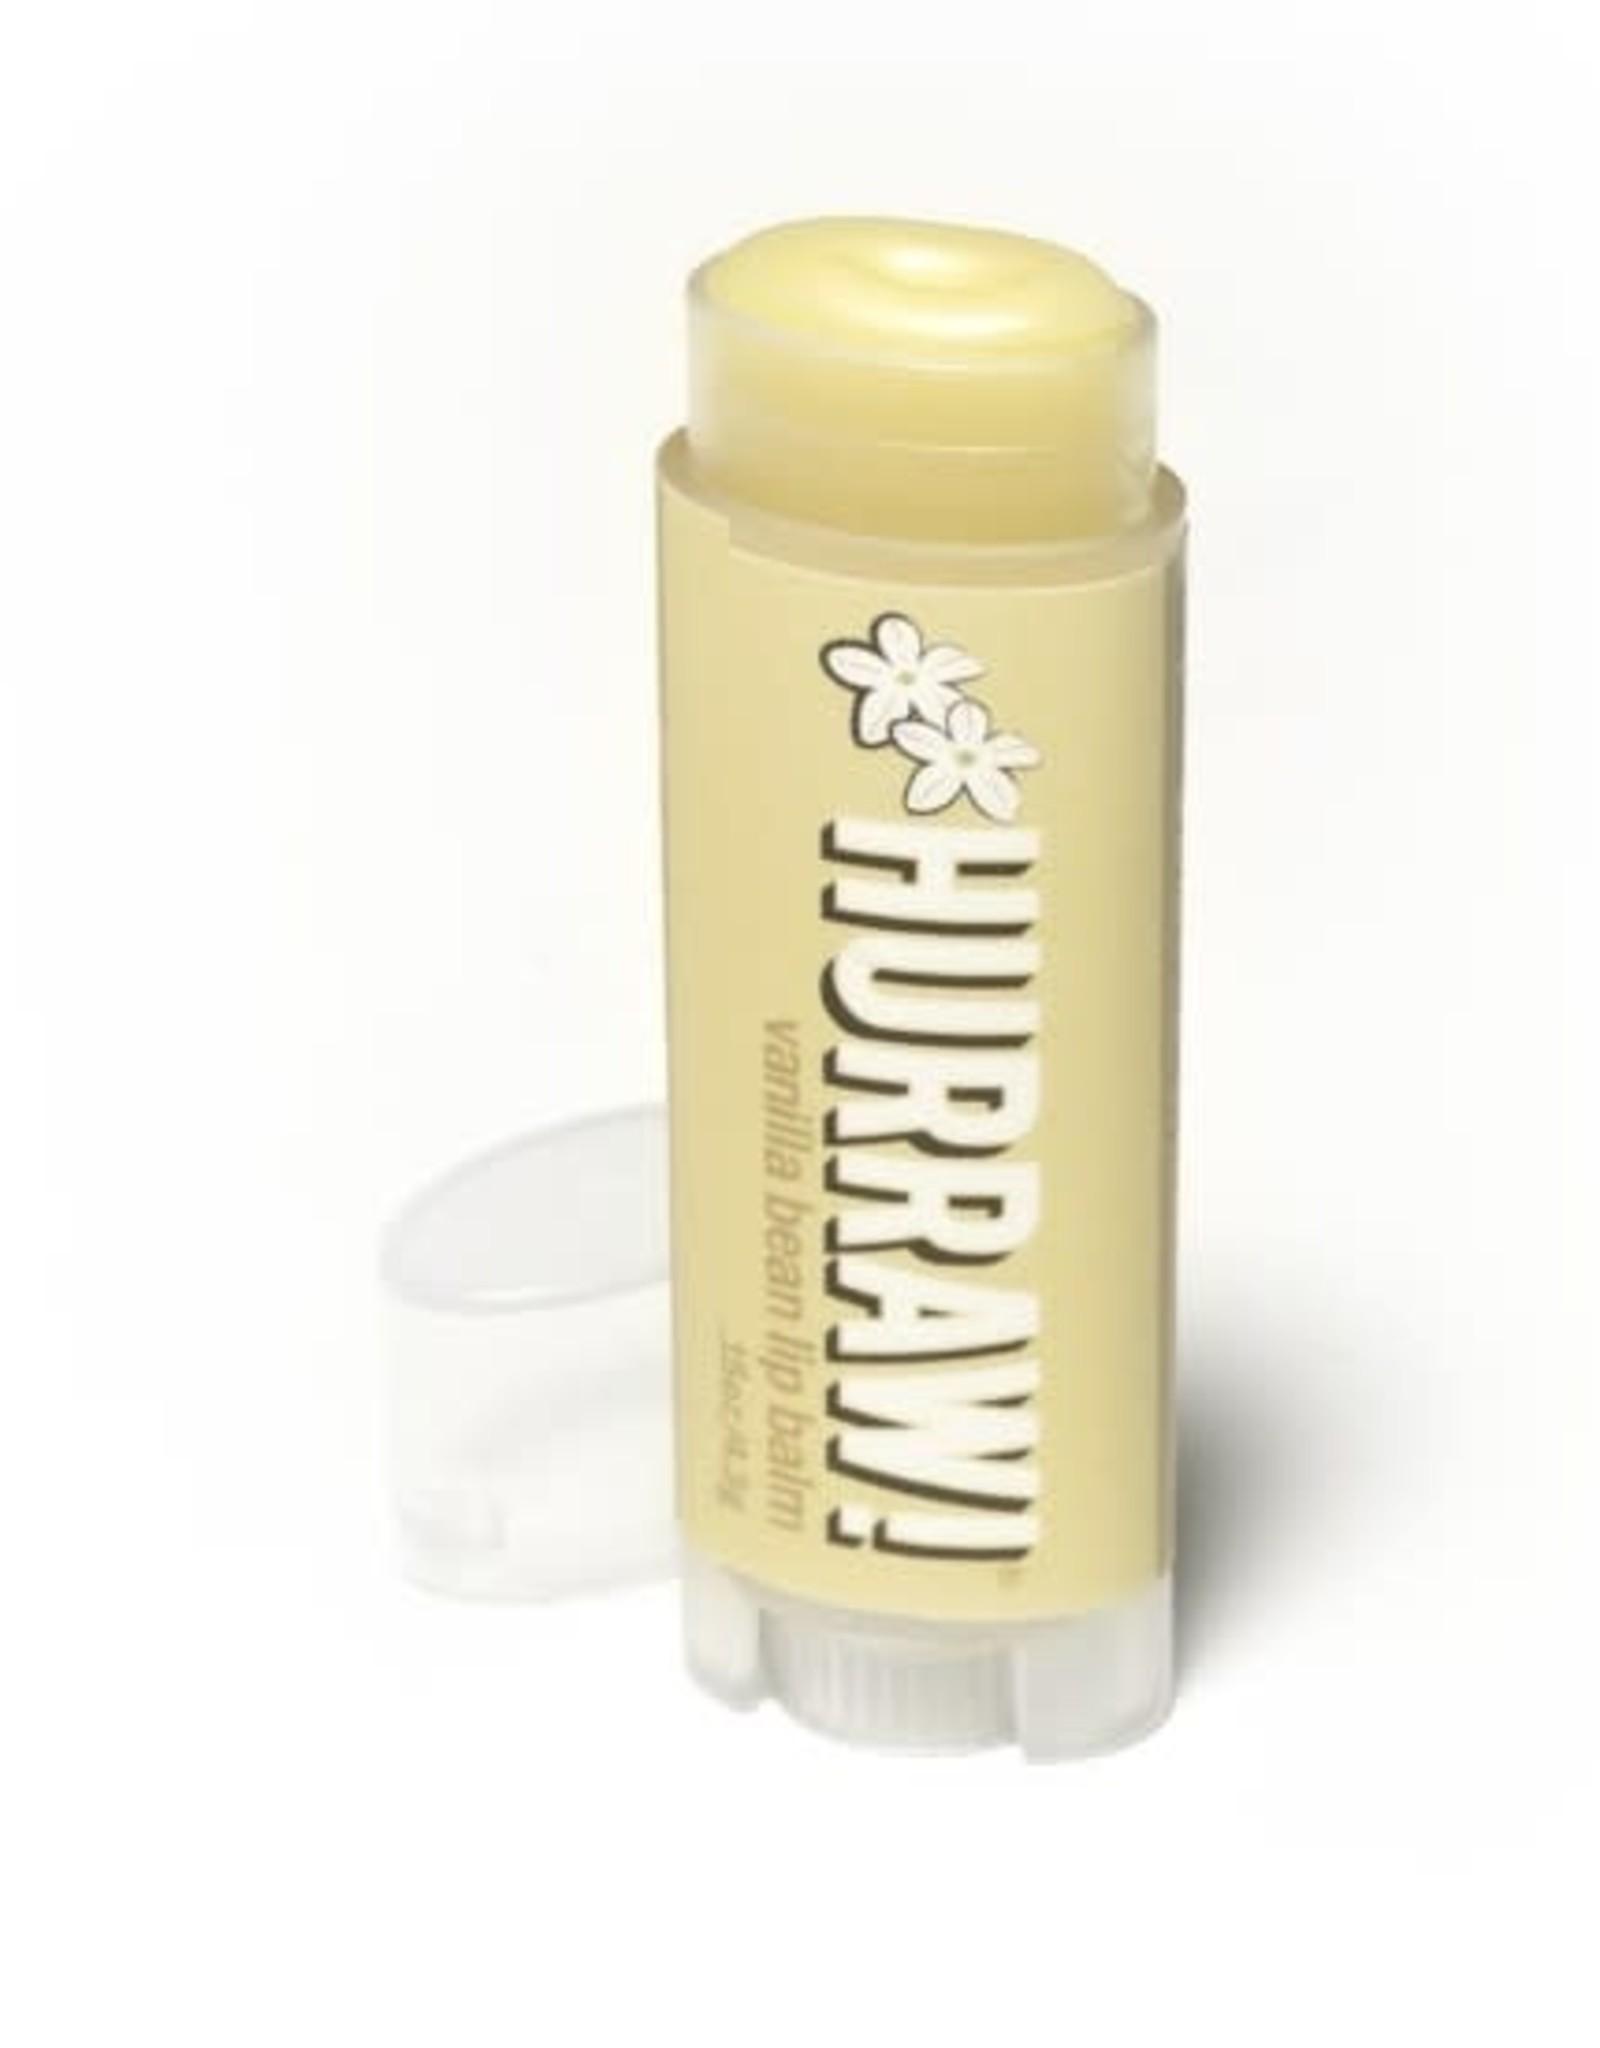 Hurraw Hurraw! Vanilla Balm 4.8g